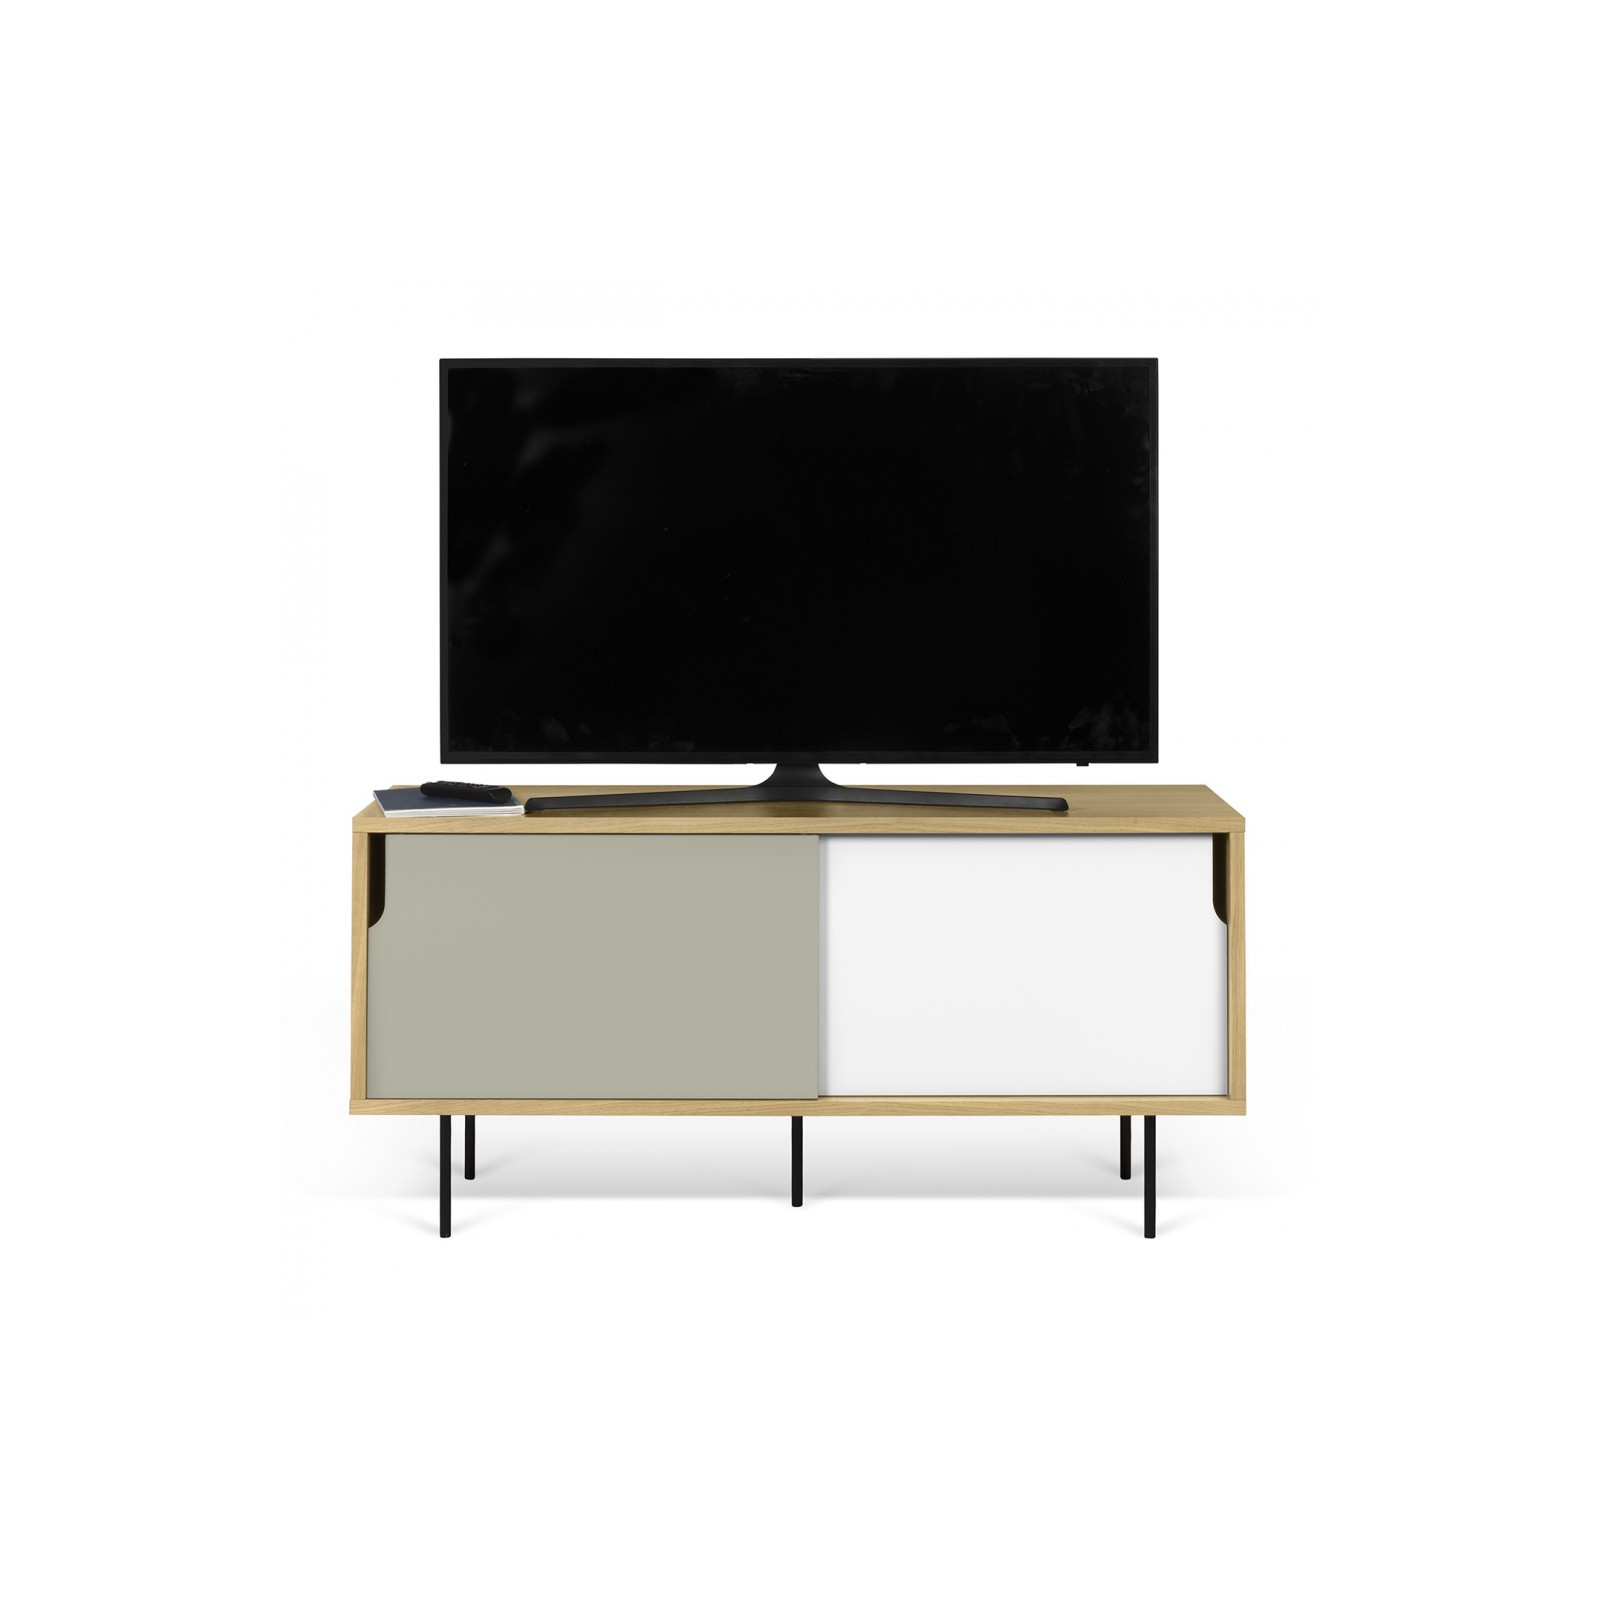 Meuble tv danois blanc et gris arne concept for Meuble tv blanc et gris